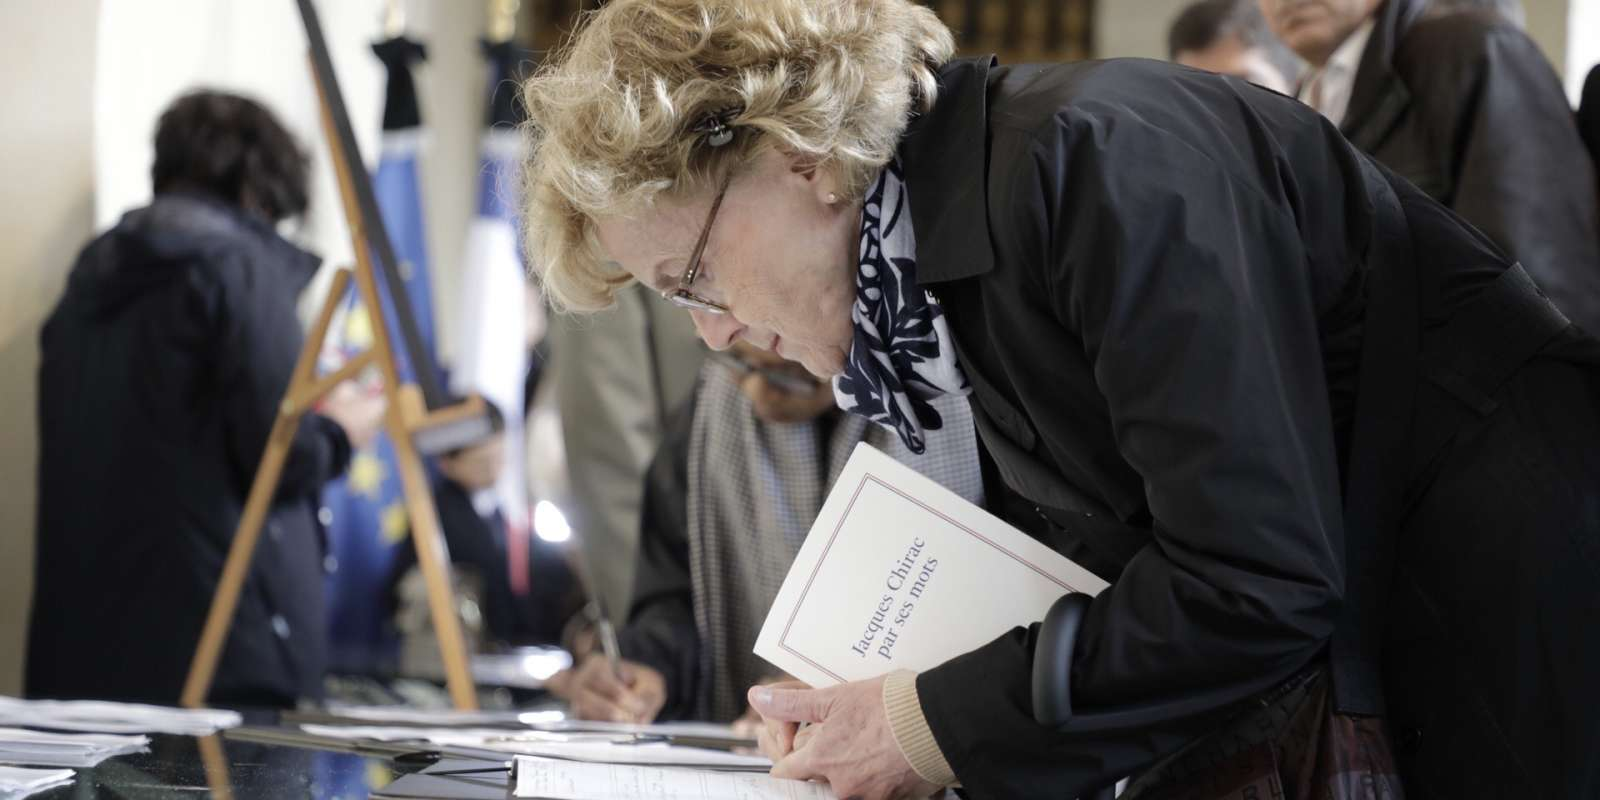 Aux Invalides, des anonymes laissent un mot, une signature, dans les registres de condoléances. 5 000 personnes les avaient déjà signés depuis jeudi à l'Elysée.